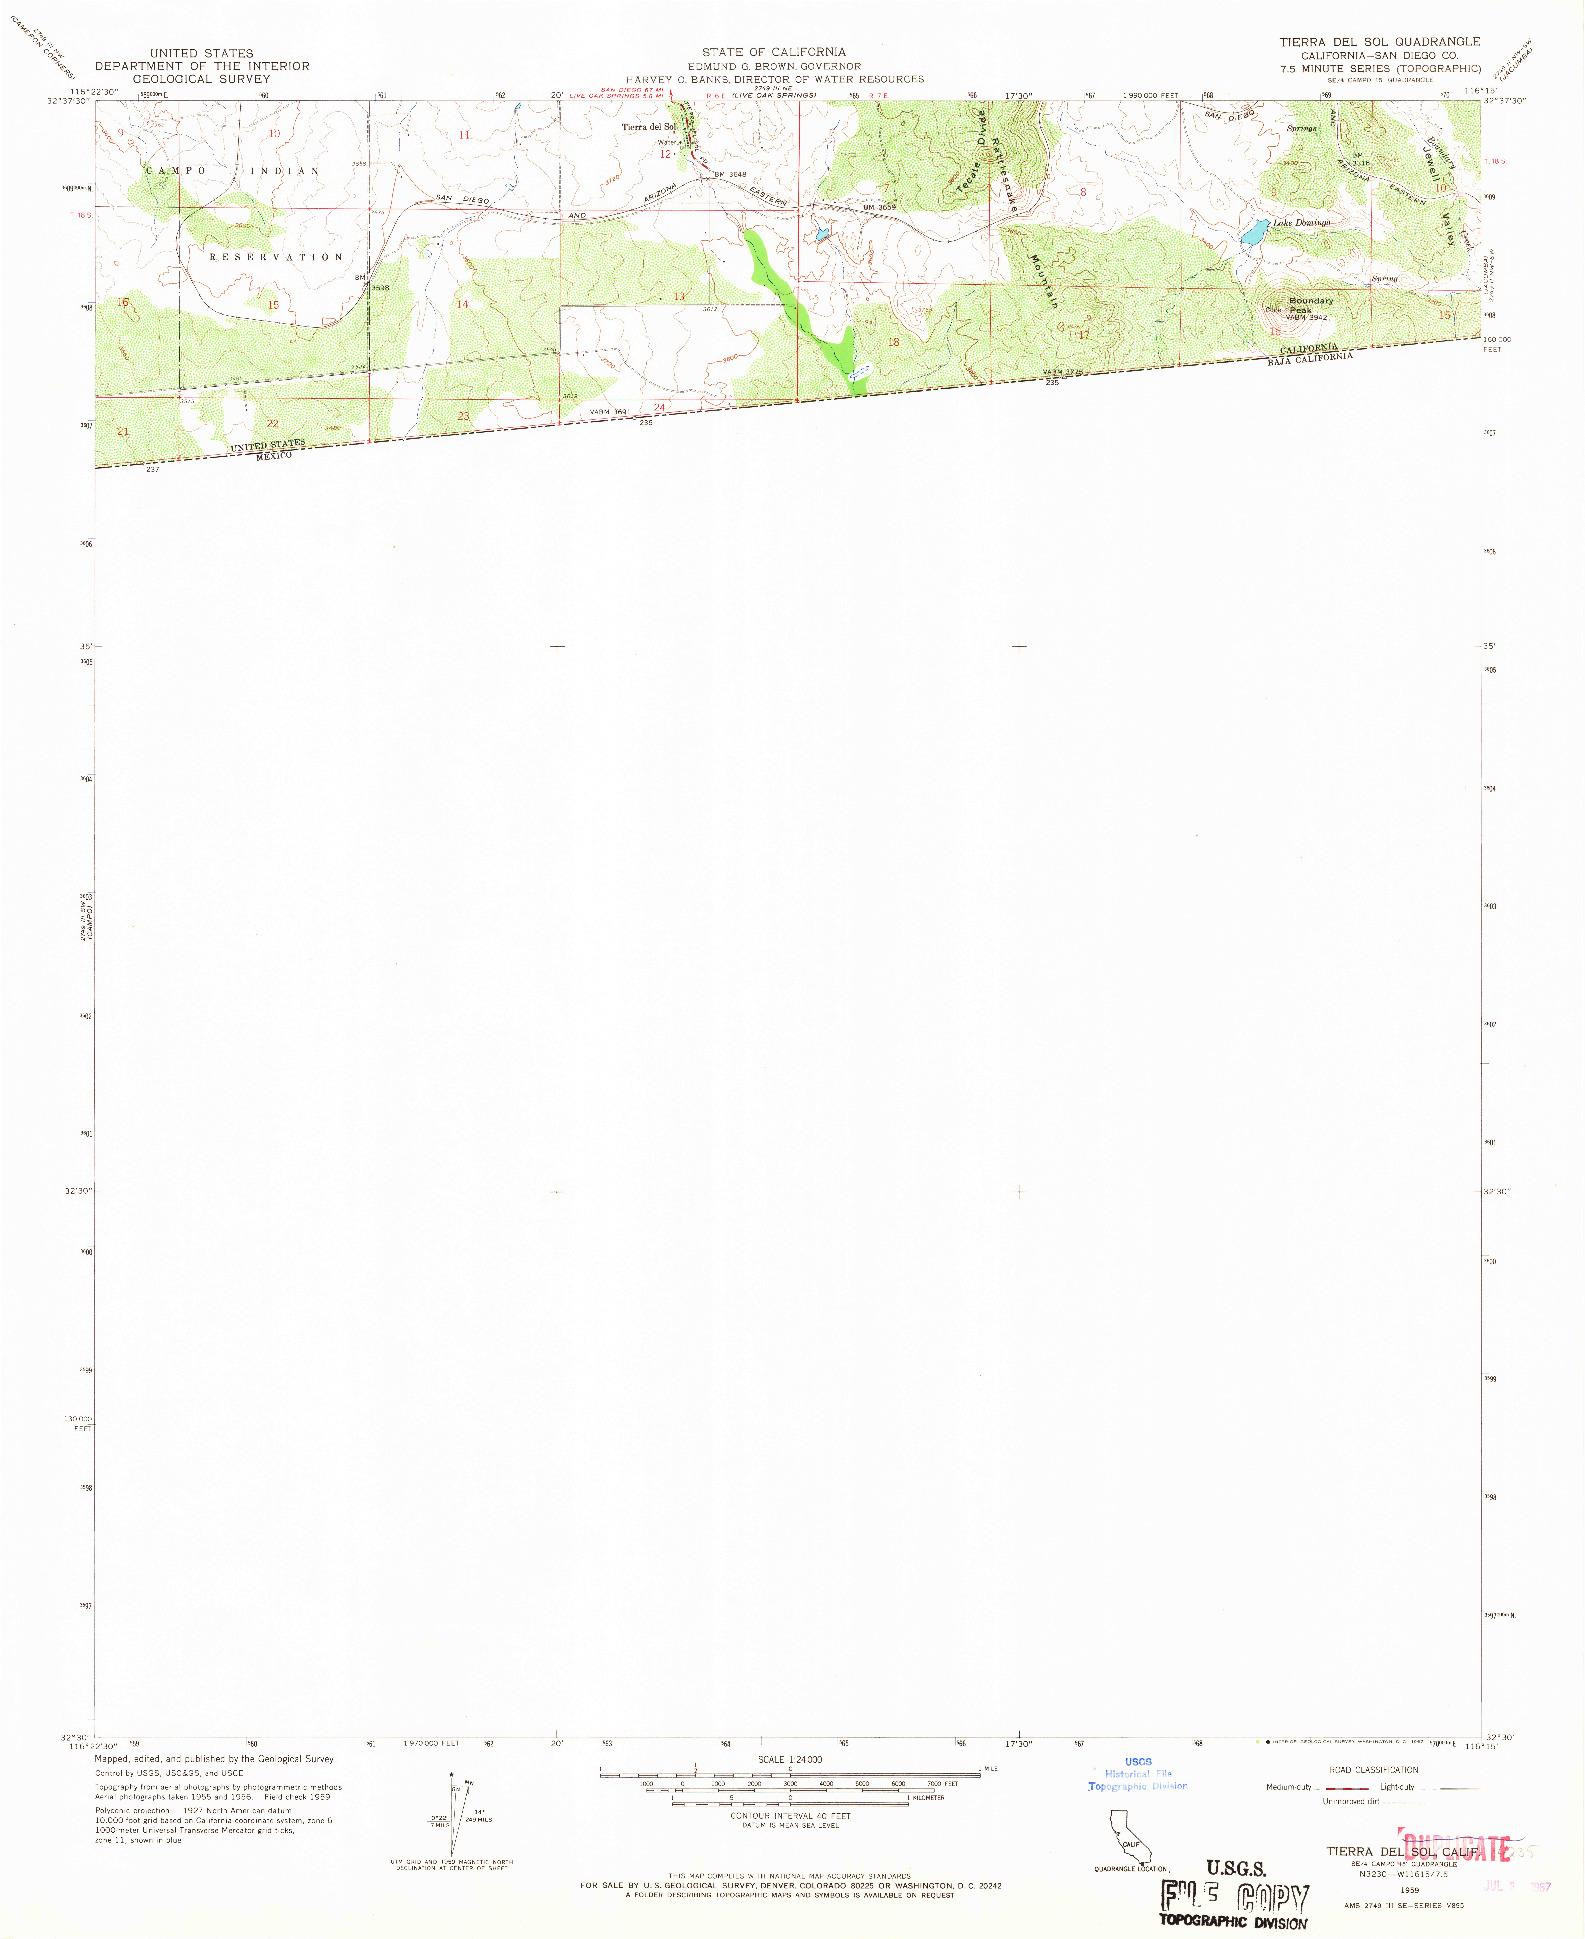 USGS 1:24000-SCALE QUADRANGLE FOR TIERRA DEL SOL, CA 1959